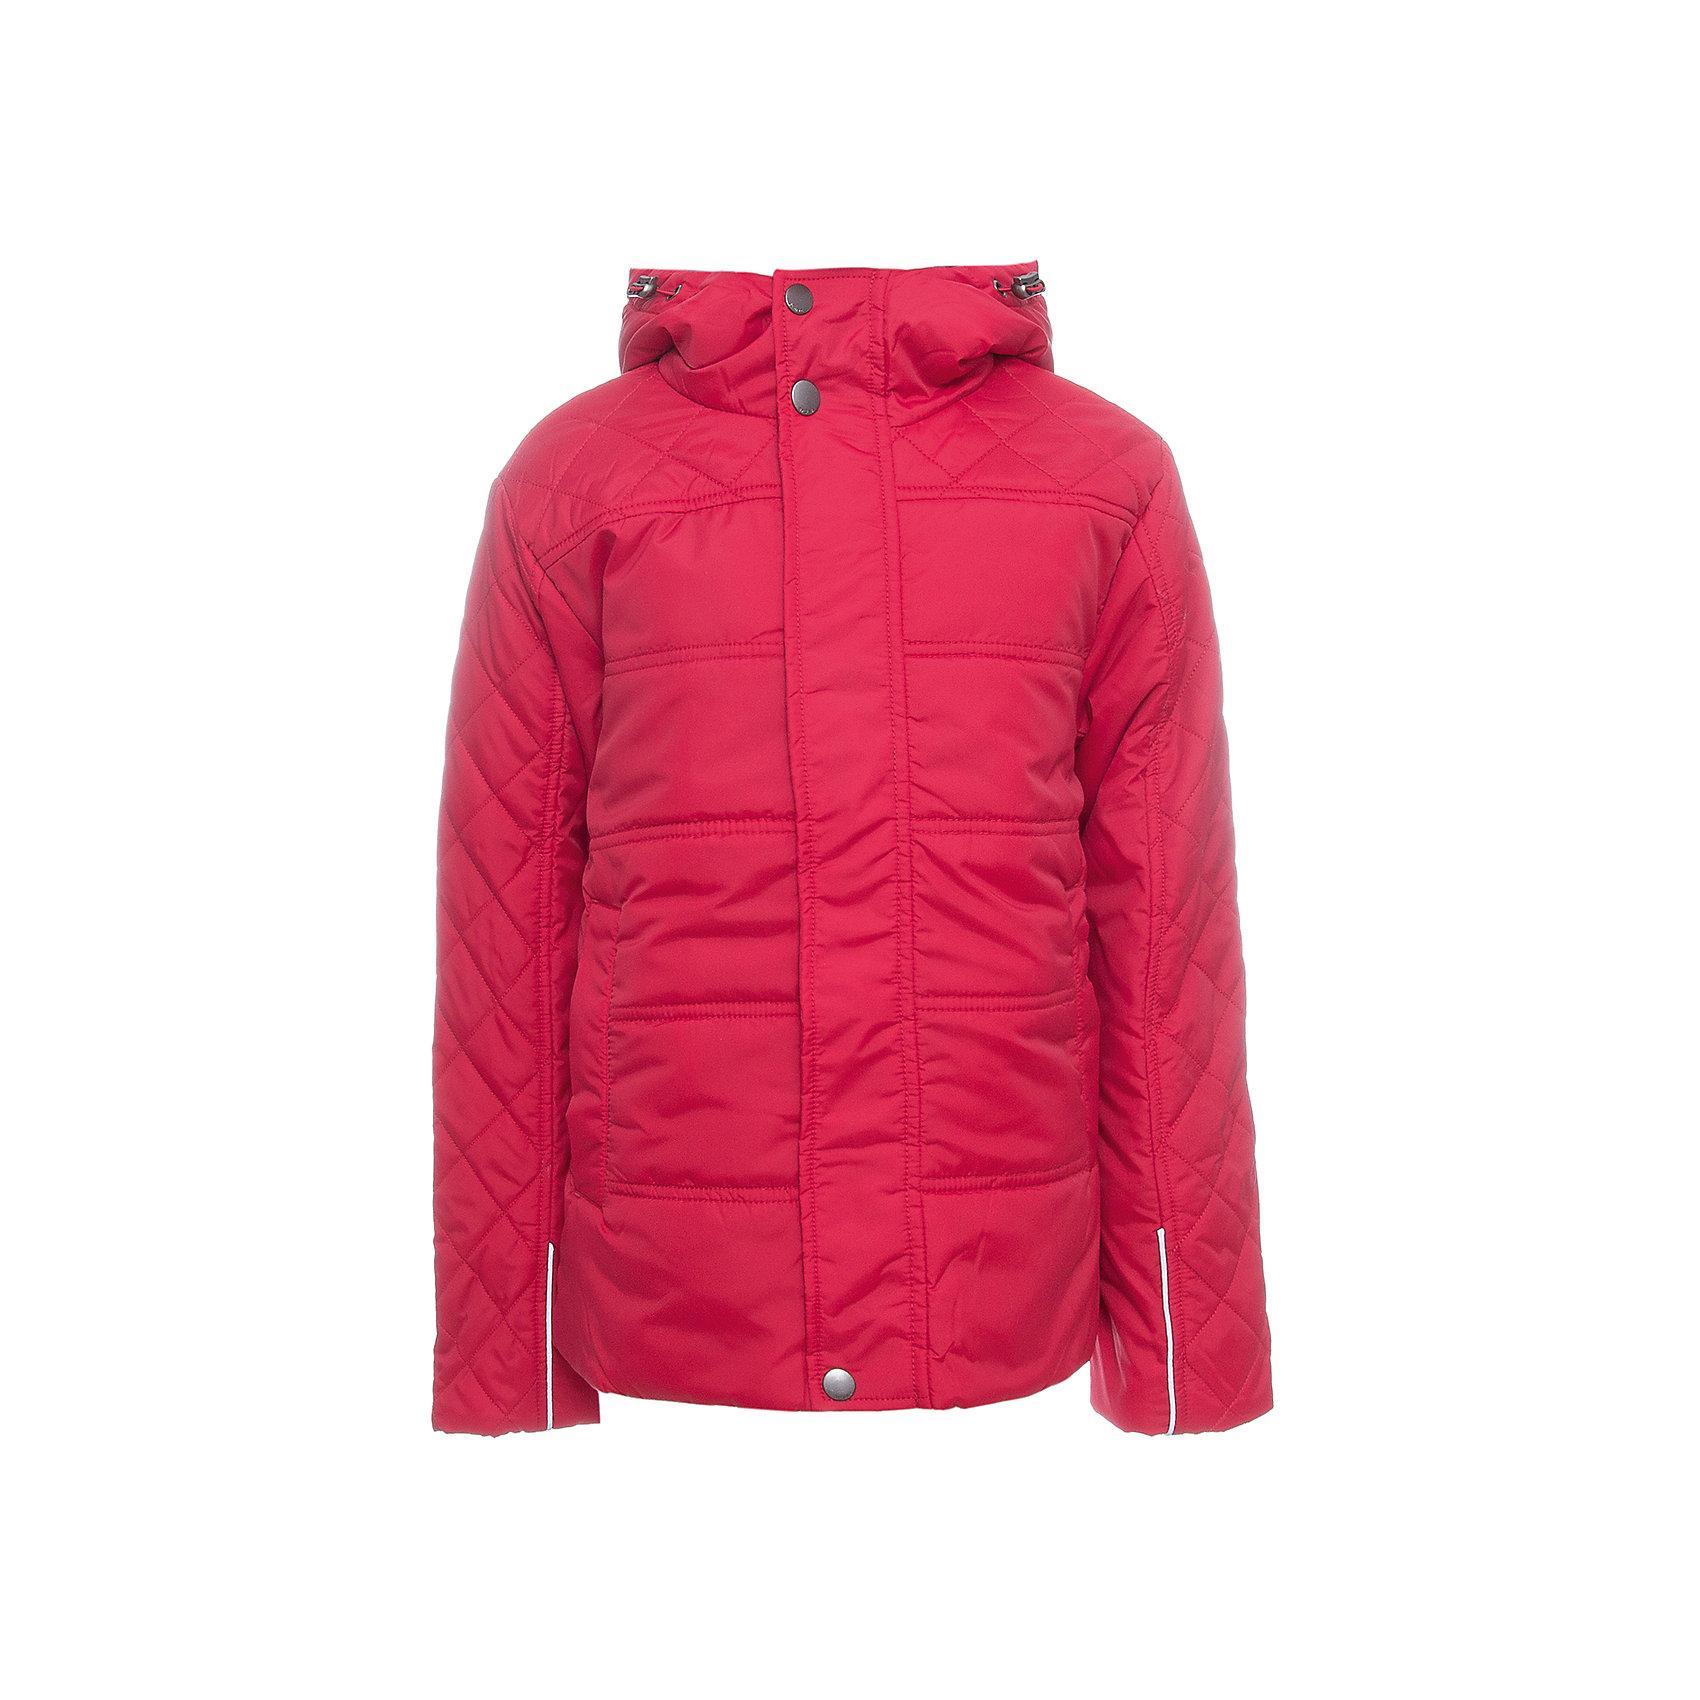 Куртка SELA для мальчикаВерхняя одежда<br>Характеристики товара:<br><br>• цвет: красный<br>• ткань верха: 100% полиэстер<br>• подкладка: 65% хлопок, 35% полиэстер<br>• утеплитель: 100% полиэстер<br>• сезон: демисезон<br>• температурный режим: от +10 до 20<br>• особенности куртки: на молнии<br>• капюшон: без меха, съемный<br>• застежка: молния<br>• страна бренда: Исполиамидния<br>• страна изготовитель: Индия<br><br>Красная куртка для мальчика от Sela поможет обеспечить ребенку тепло и комфорт. Такая детская куртка отличается лаконичным дизайном. В демисезонной куртке для мальчика от ребенок будет чувствовать себя комфортно в прохладную погоду. <br><br>Куртку для мальчика Sela (Села) можно купить в нашем интернет-магазине.<br><br>Ширина мм: 356<br>Глубина мм: 10<br>Высота мм: 245<br>Вес г: 519<br>Цвет: темно-красный<br>Возраст от месяцев: 72<br>Возраст до месяцев: 84<br>Пол: Мужской<br>Возраст: Детский<br>Размер: 122,152,140,128<br>SKU: 7032297